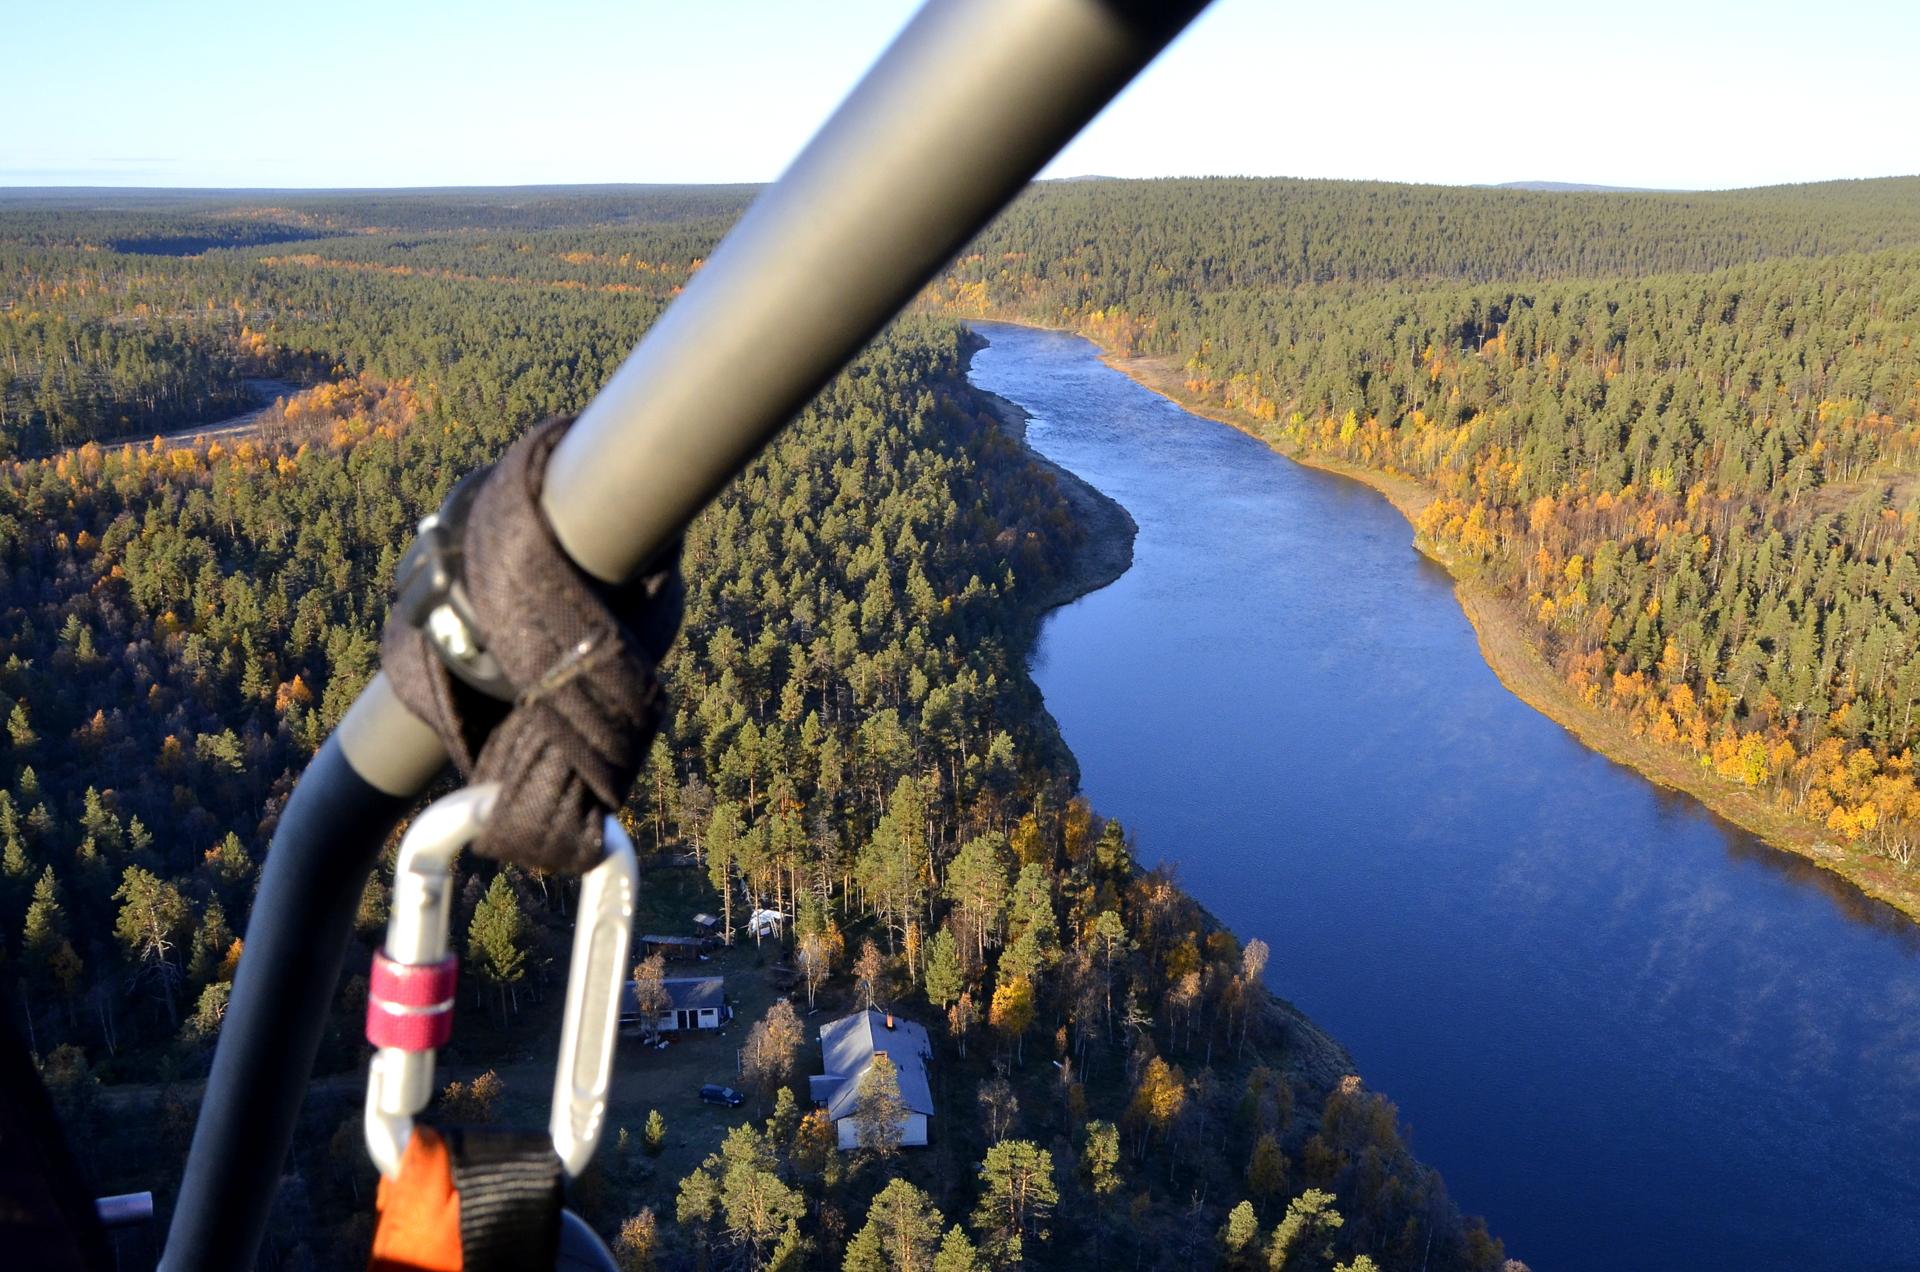 Heti ilmaan nousun jälkeen näkymää Ivalojoen rantamilta.